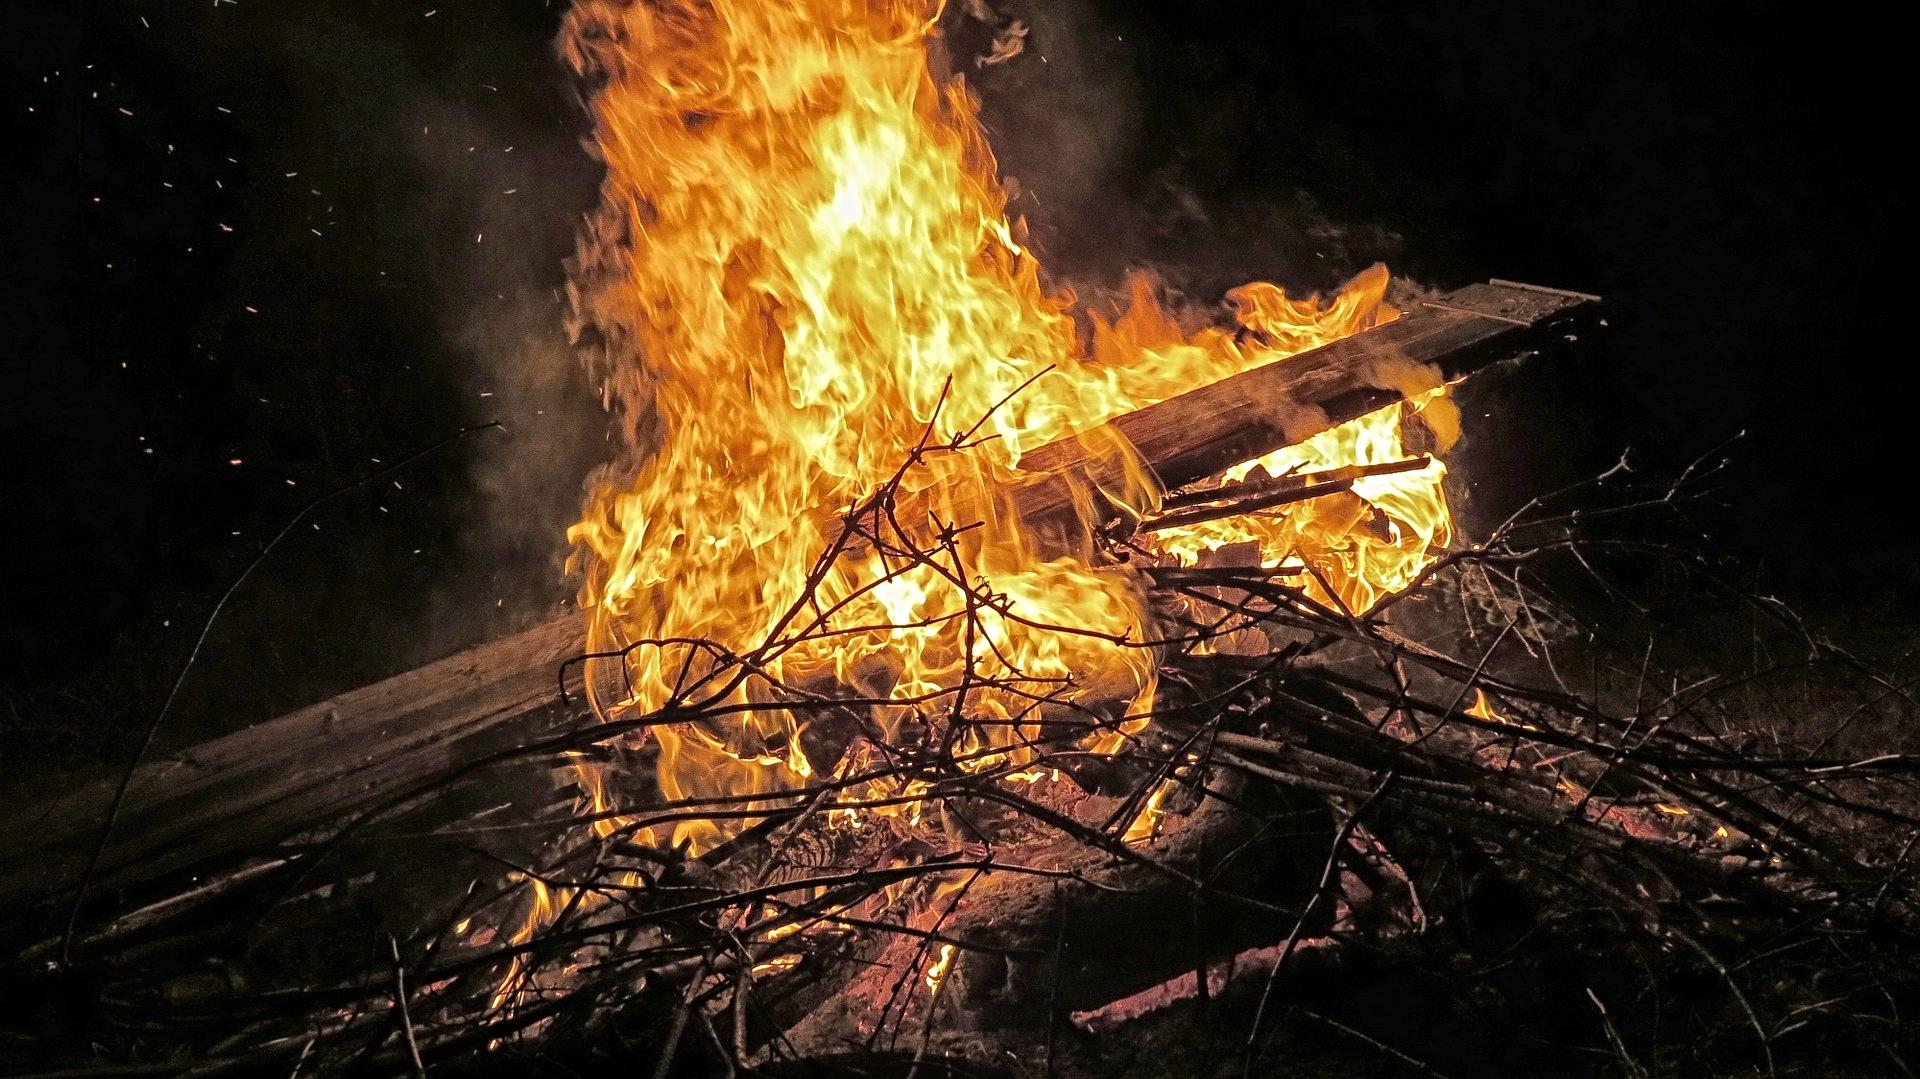 Il fuoco -laluce trionfa sulle tenebre.